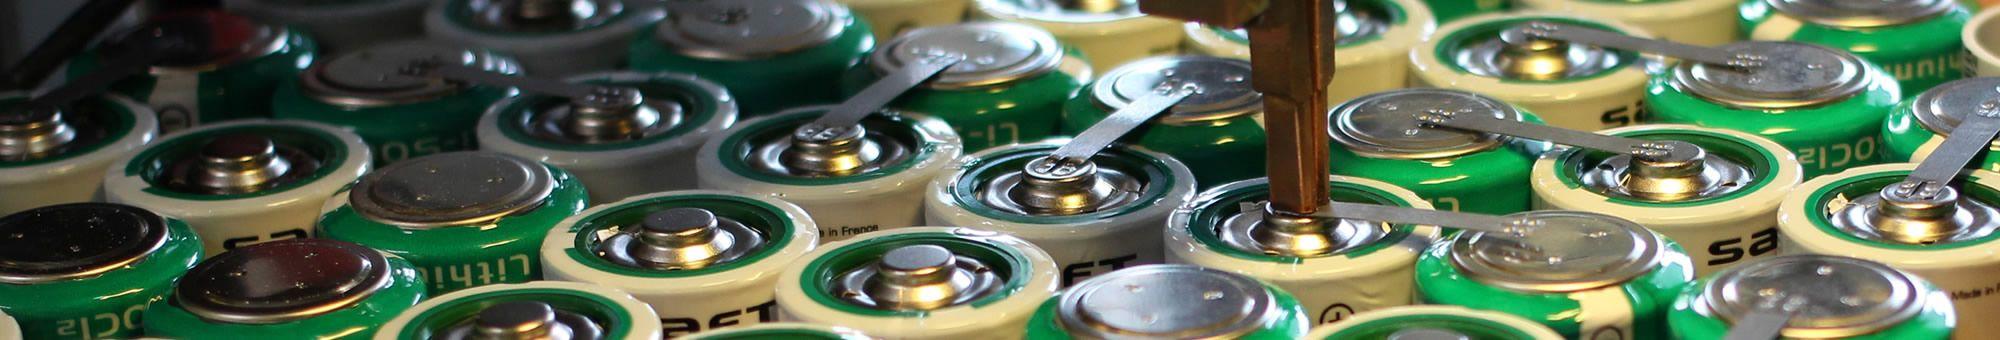 Assemblage de piles et accumulateurs